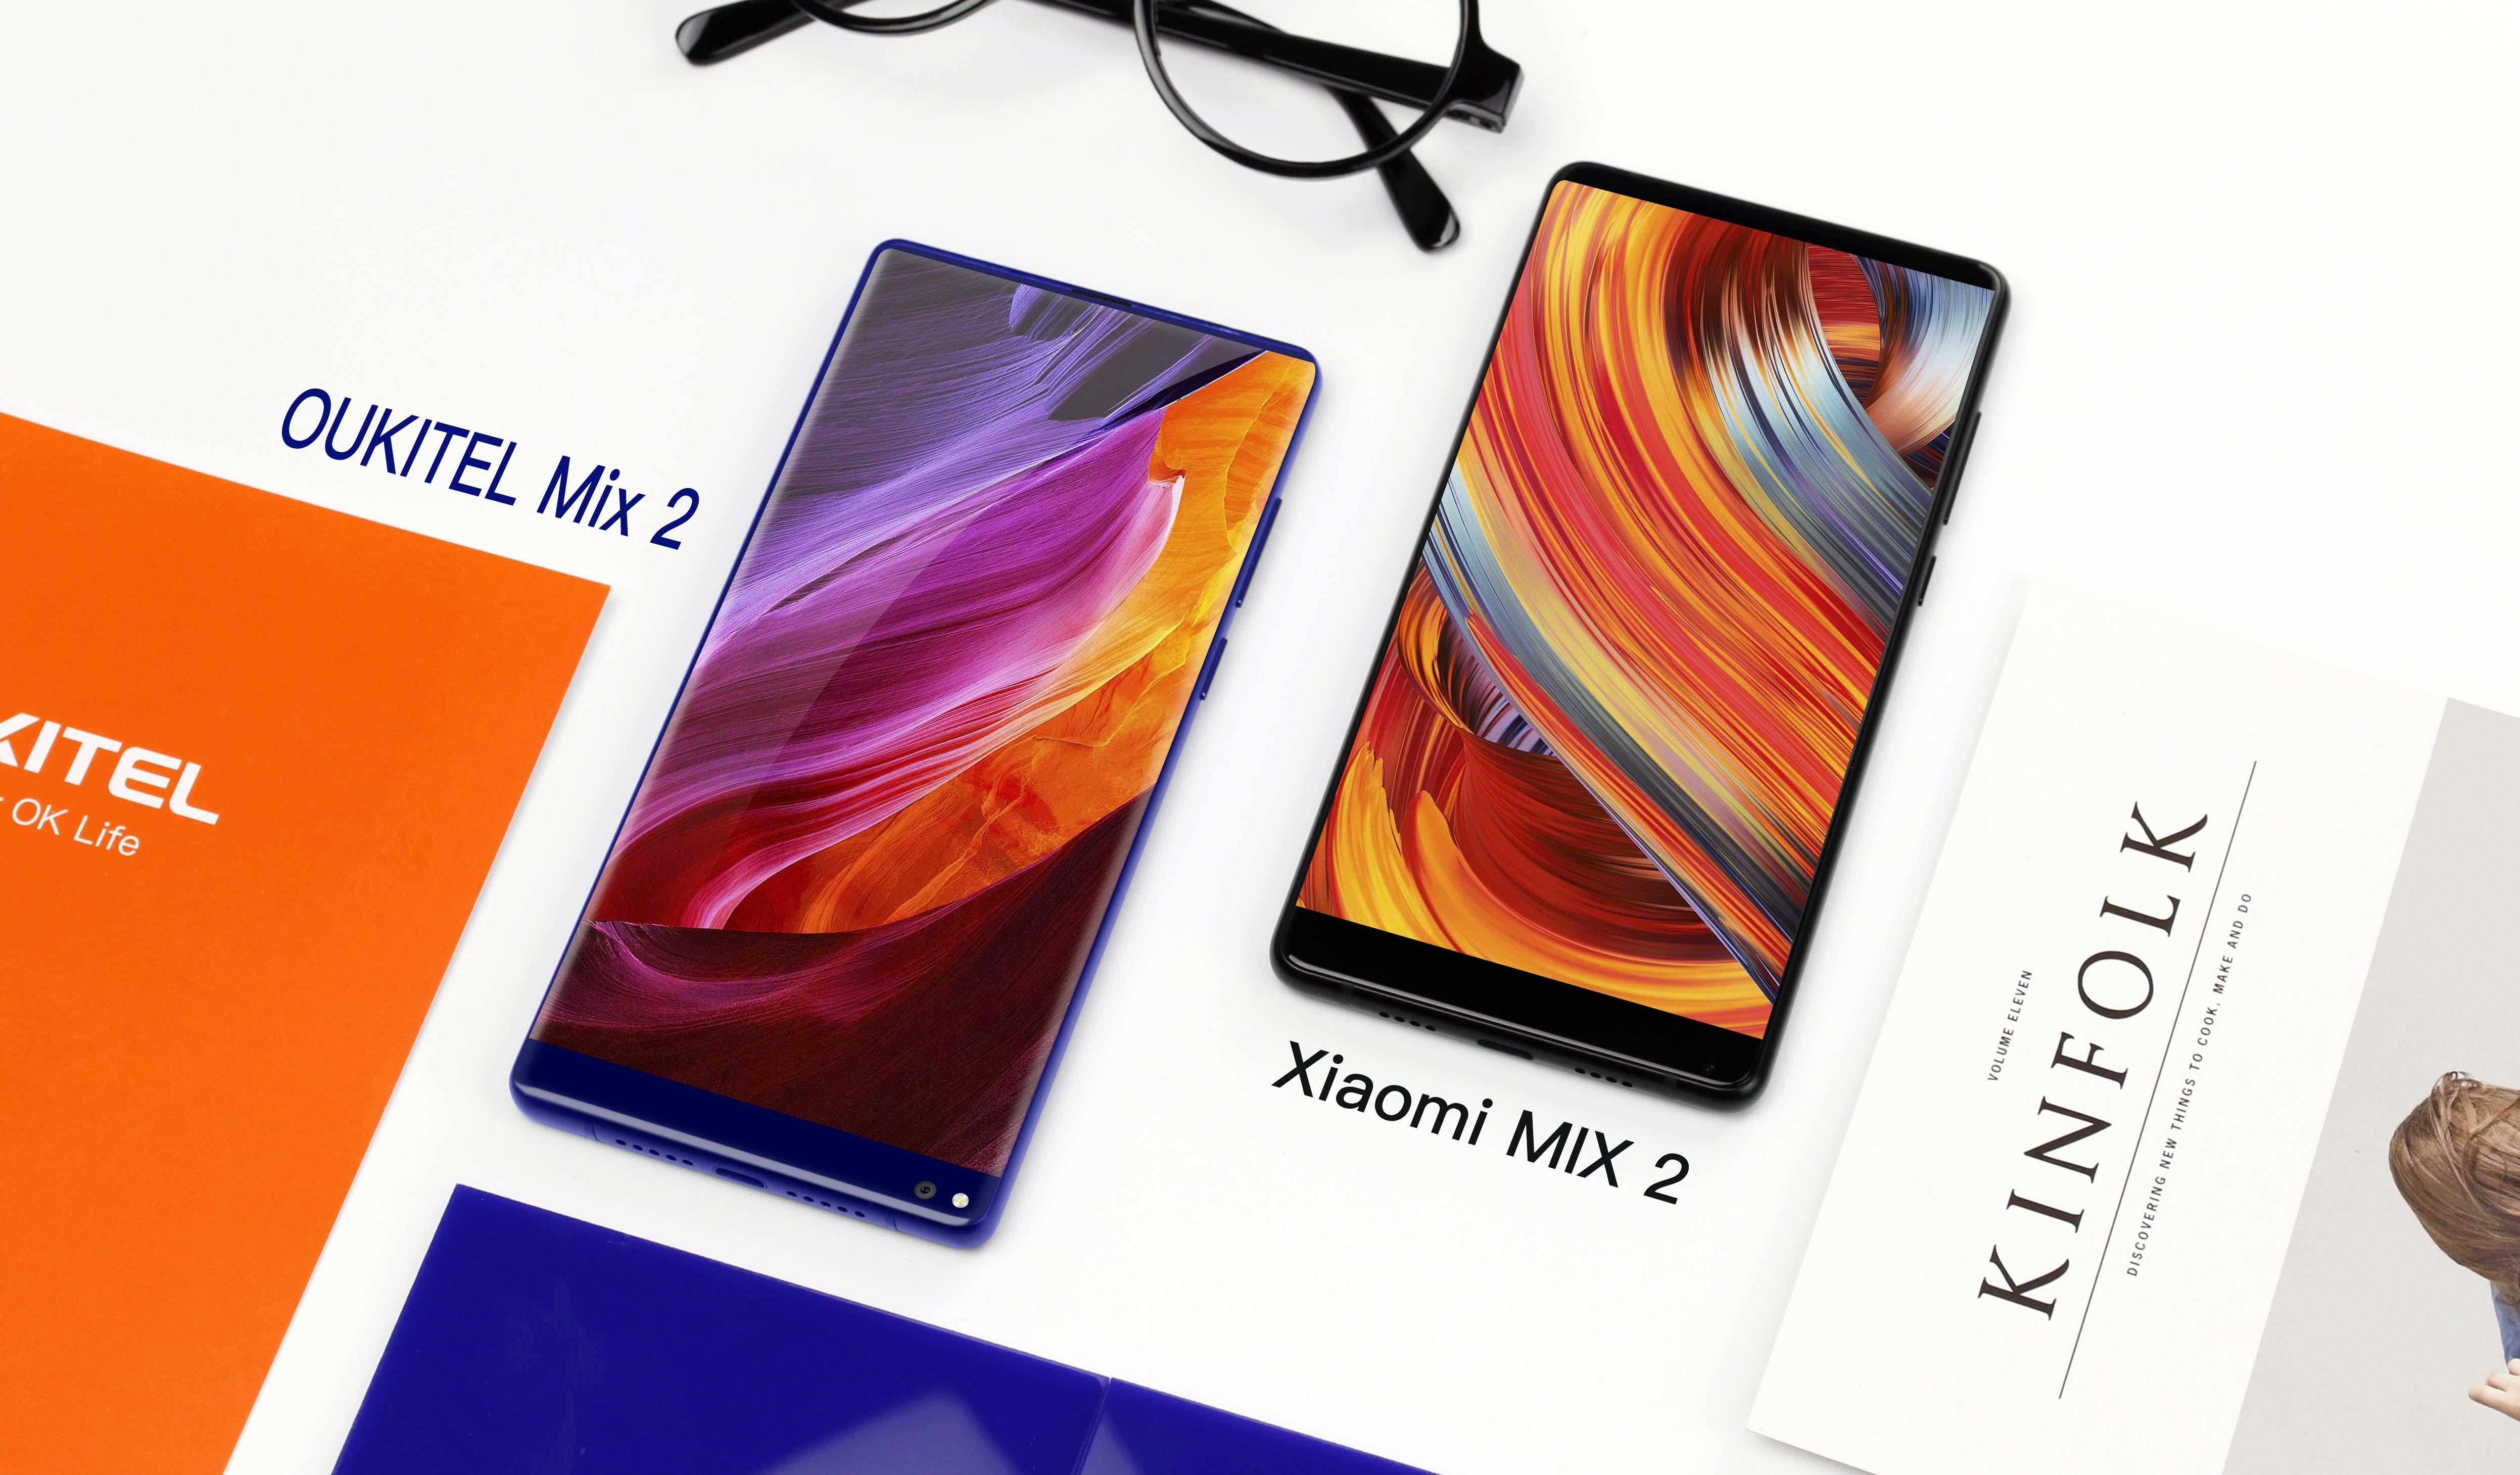 Małe porównanie: Oukitel Mix 2 vs Xiaomi Mi Mix 2. A przy okazji ruszyła już przedsprzedaż Oukitel K10000 Max